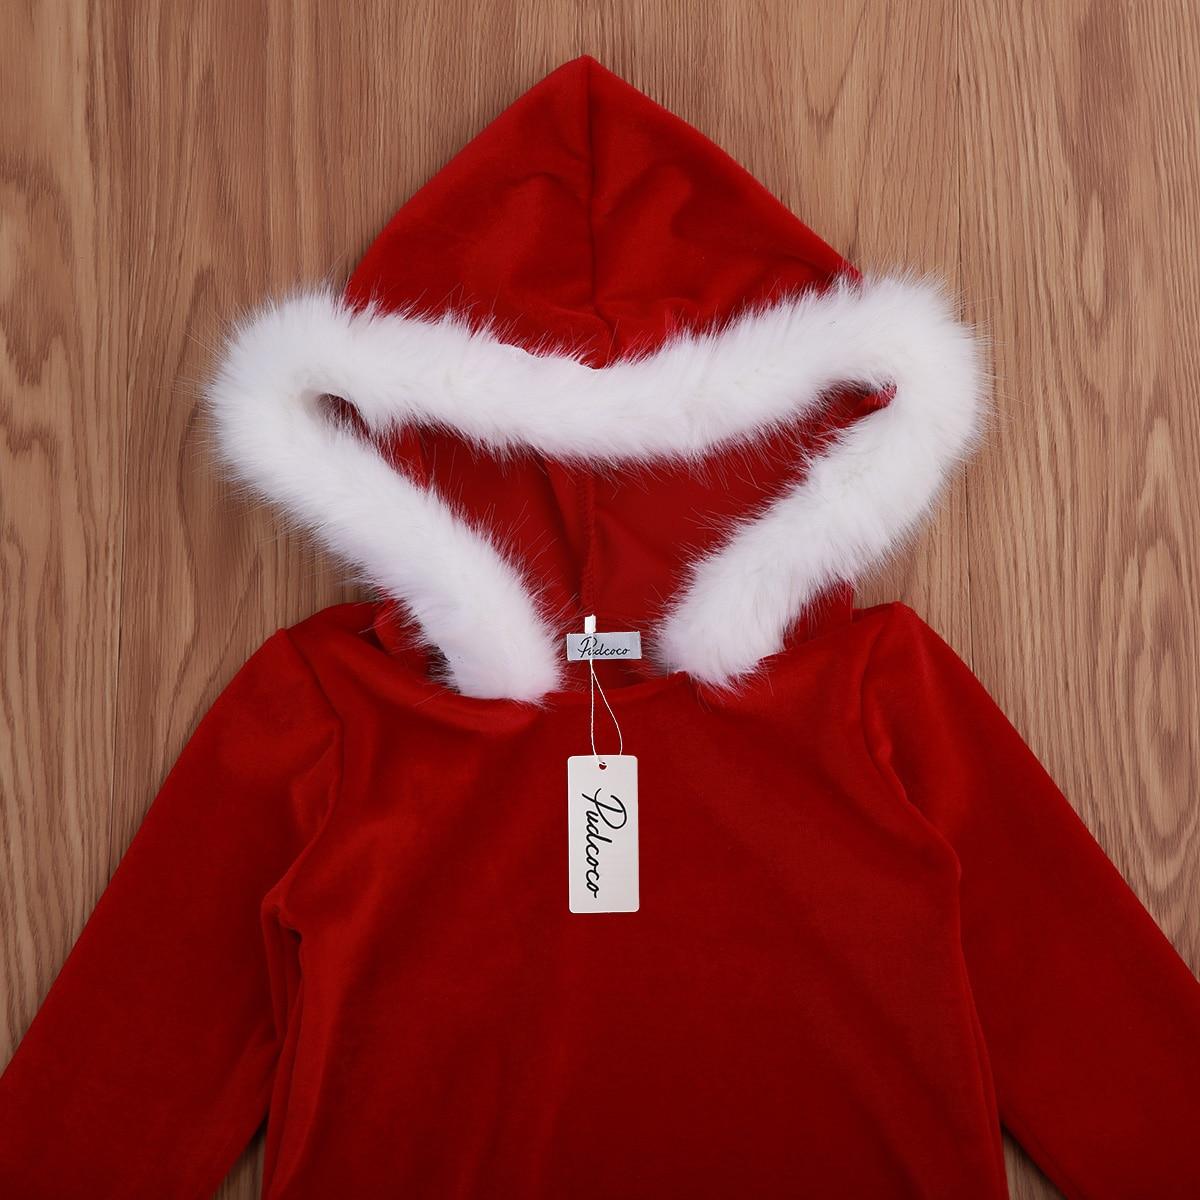 cd5b3da70 Christmas Winter Infant Baby Girl Fleece Romper Hooded Jumpsuit ...